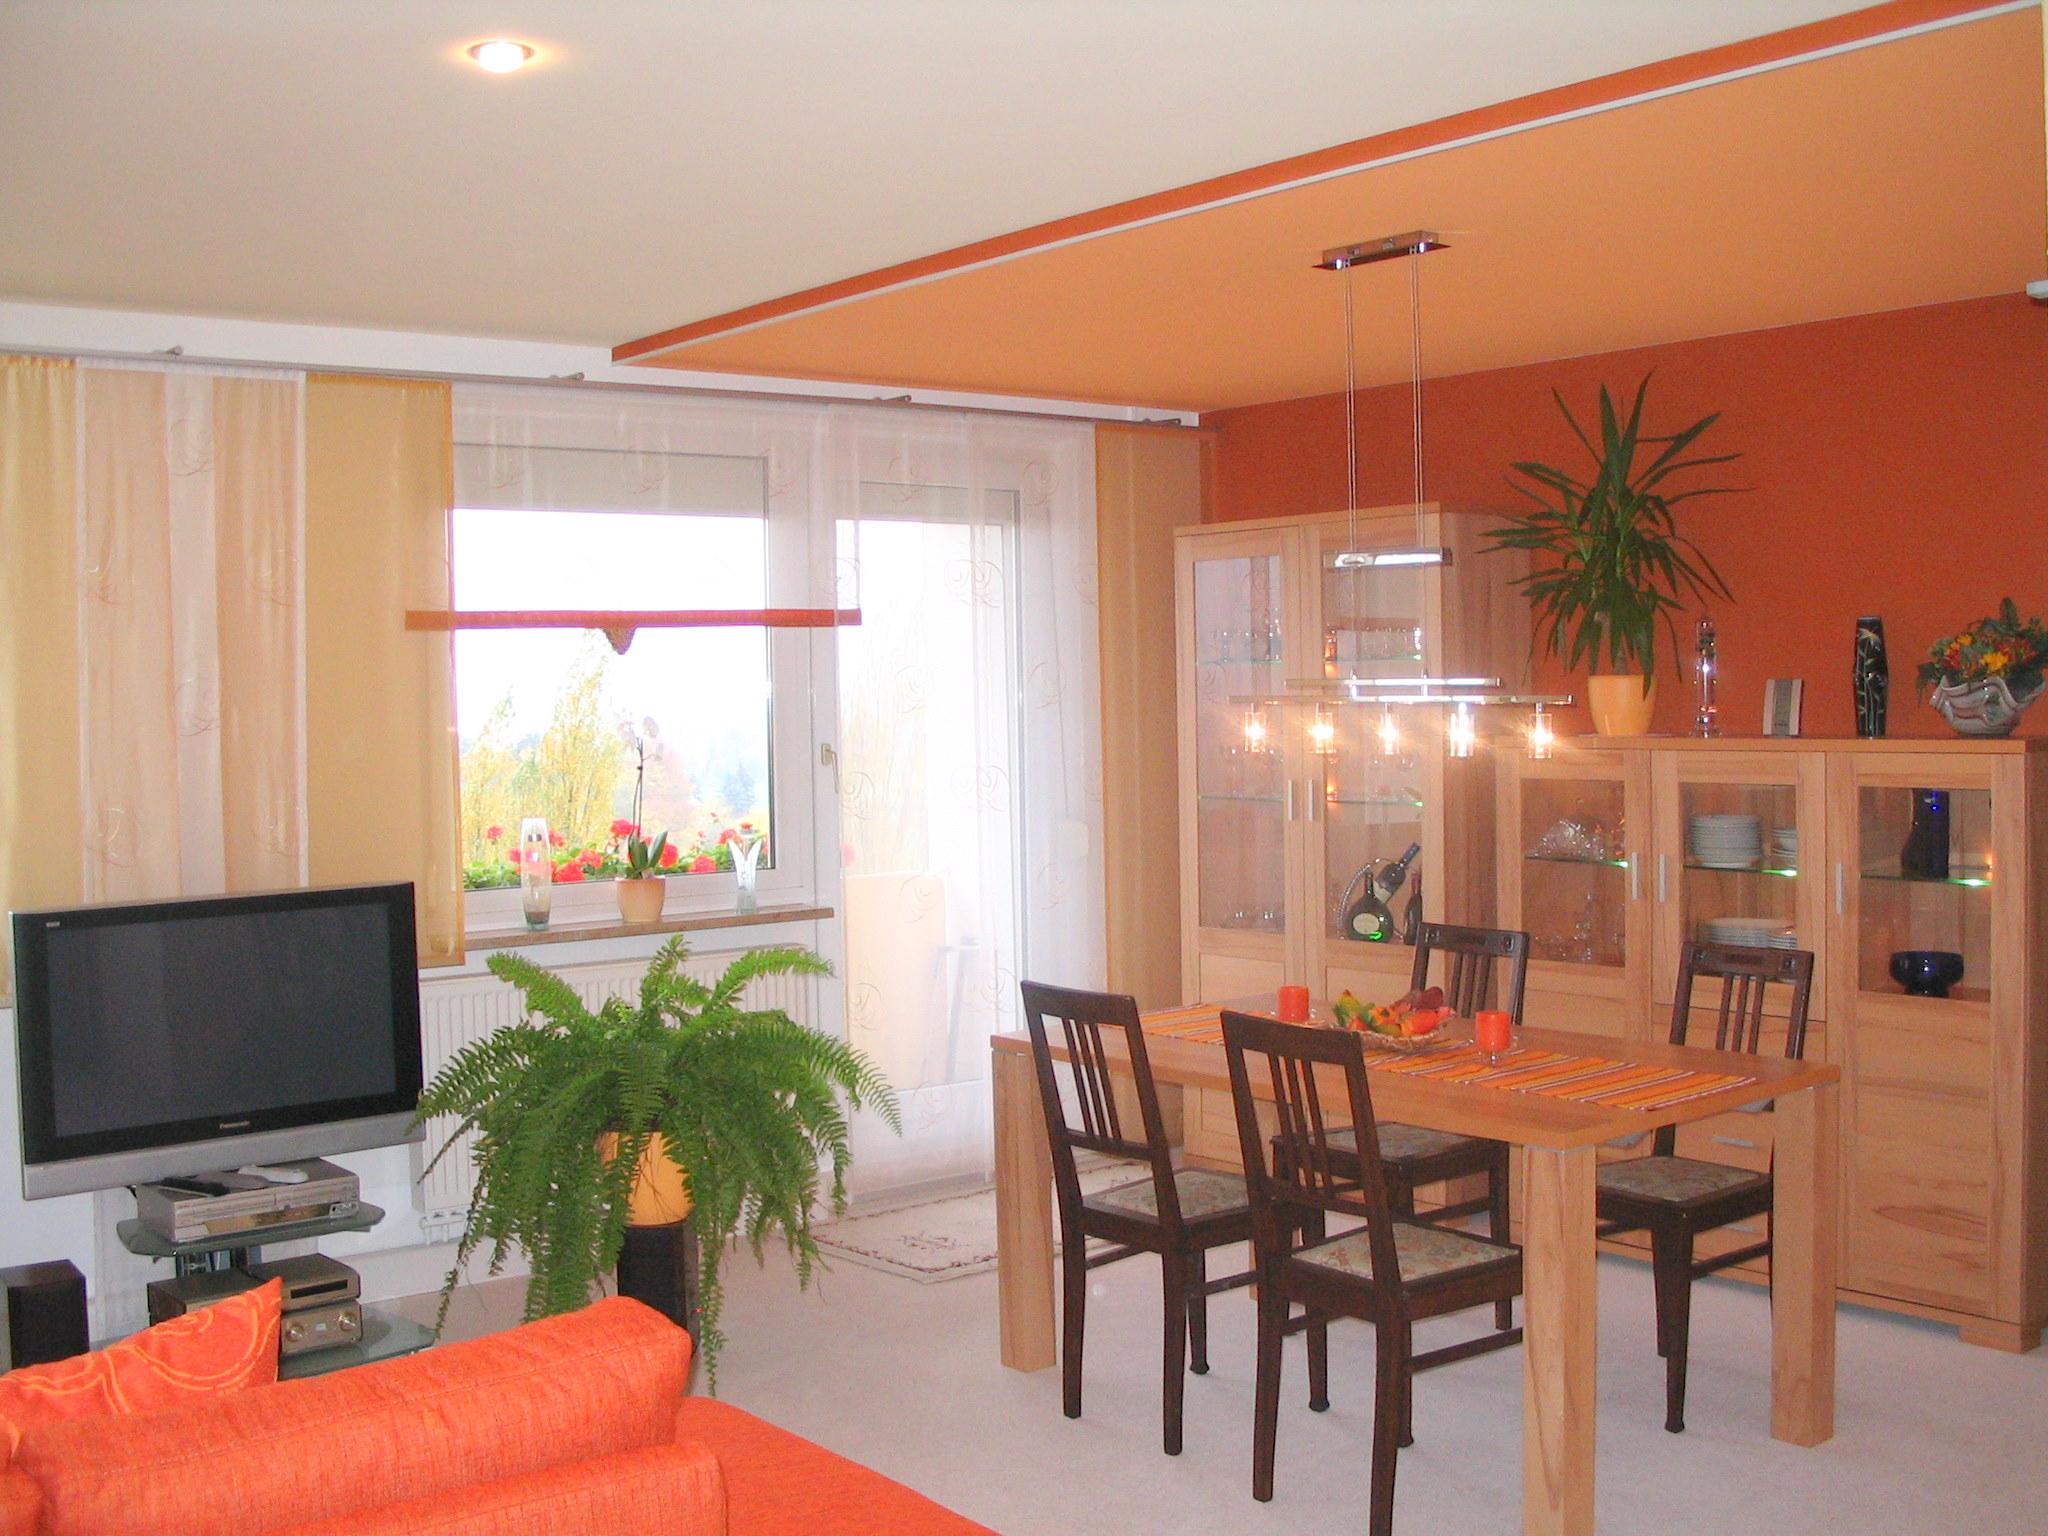 91 wohnzimmer zweifarbig gestalten wohnzimmer zweifarbig gestalten einfache wolldecken. Black Bedroom Furniture Sets. Home Design Ideas